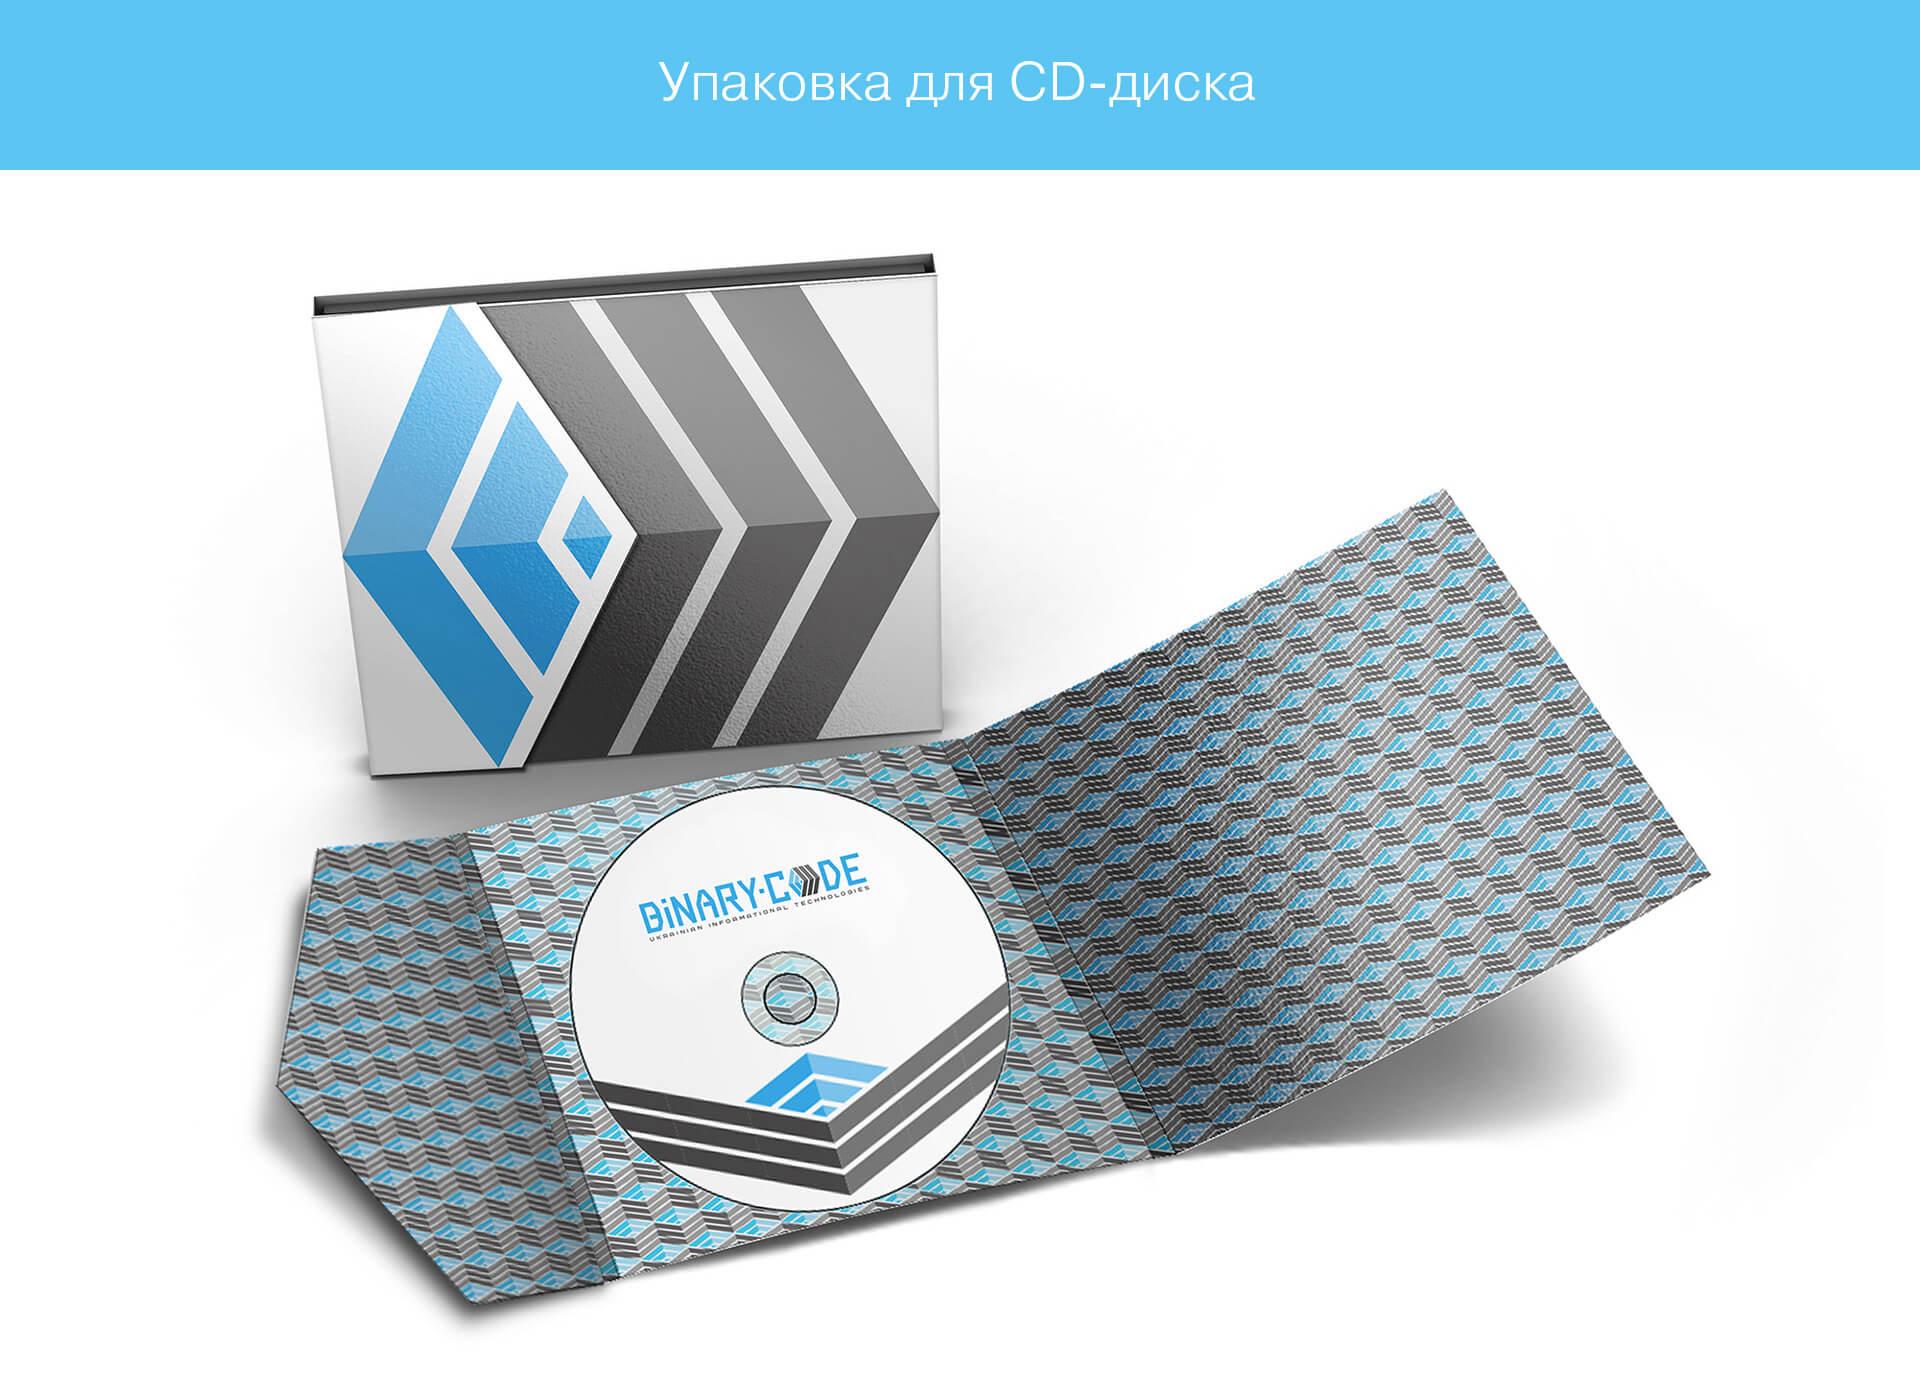 Разработка и создание дизайна упаковки для программного обеспечения (брендинг) от Fantastic Imago брендиногове рекламное агентство